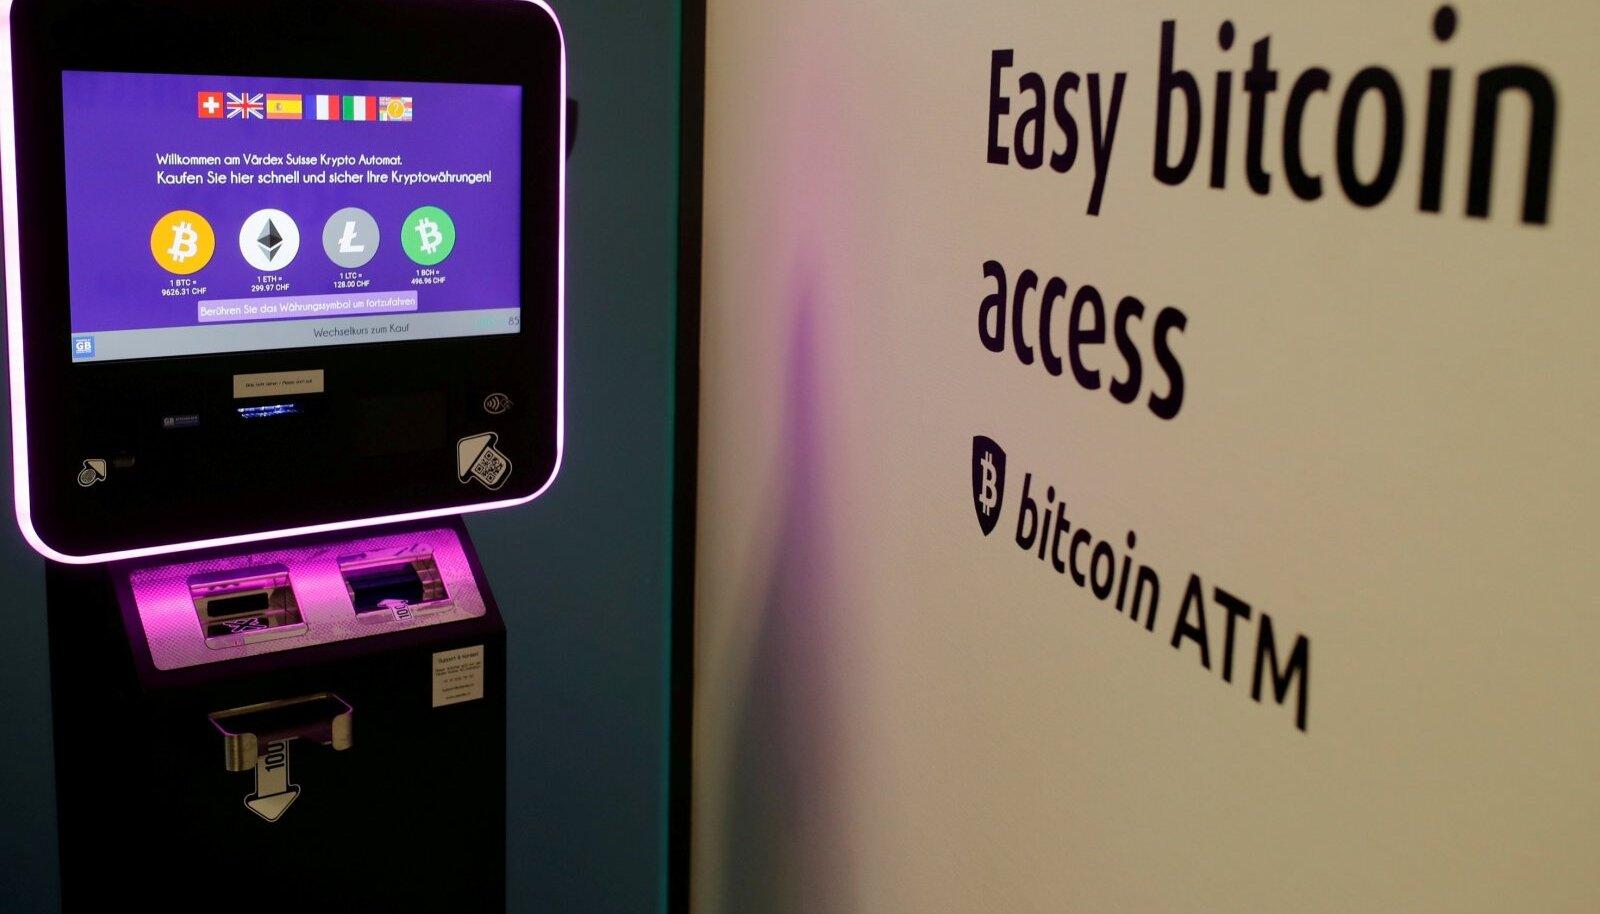 Nii nagu krüptorahaautomaadid aitasid kaasa virtuaalvääringute levikule, lisavad börsil kaubeldavad krüptoraha indeksifondid pensioni investeerimiskontole ligipääsu virtuaalvääringute maailma.